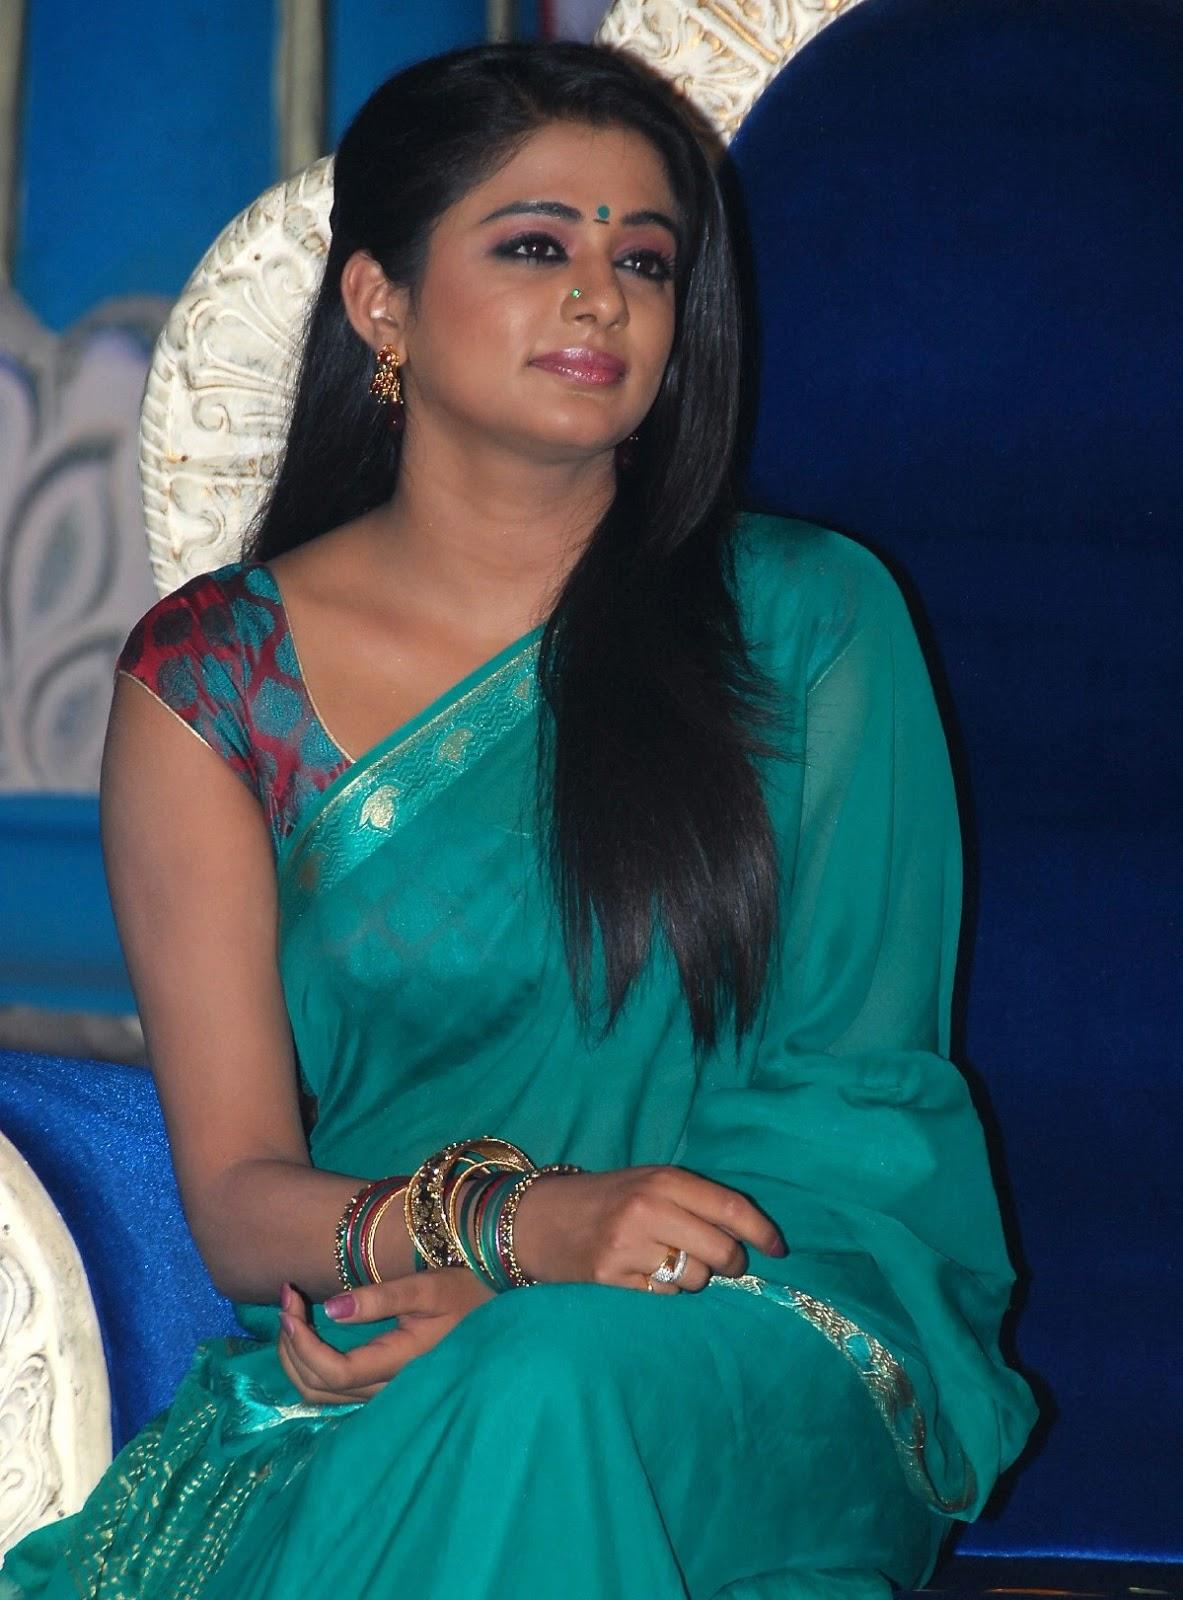 ... clips, Tamil Actress, Priyamani Hot Dress Removing,Priyamani in